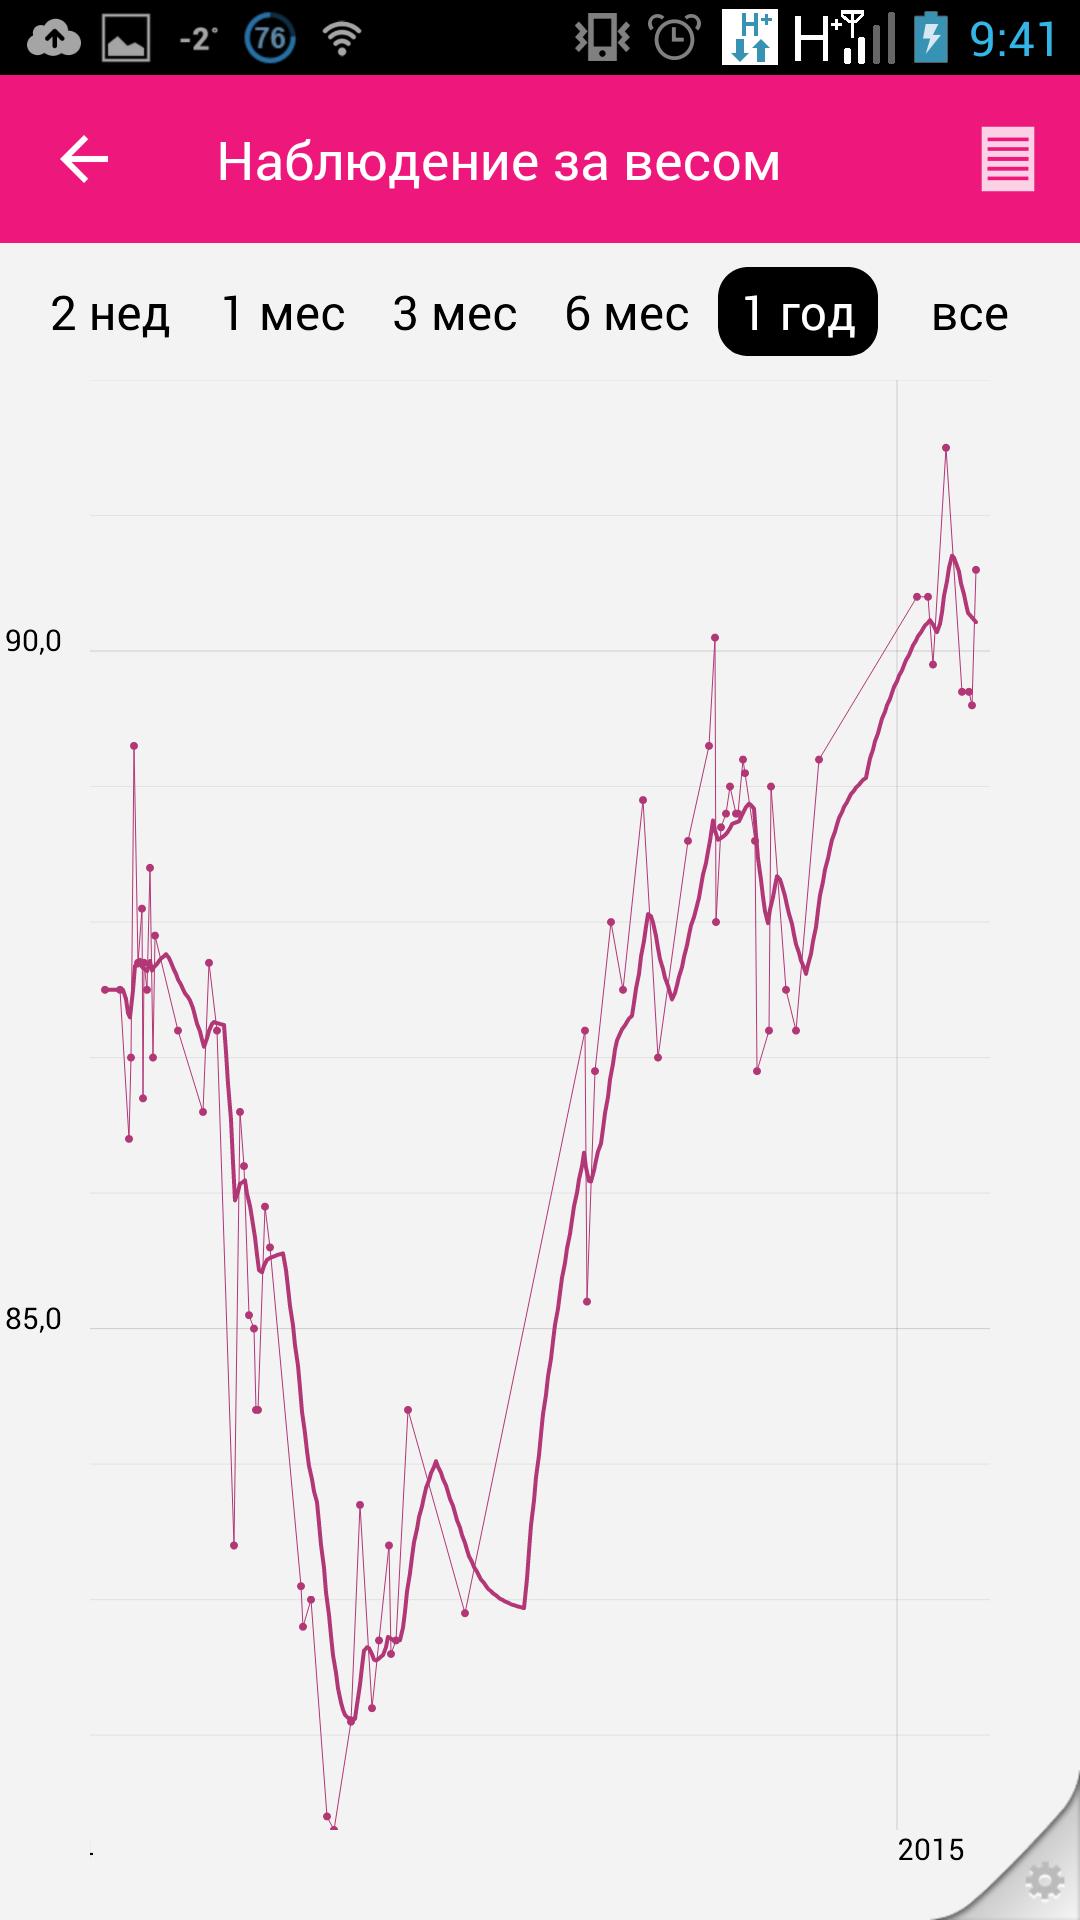 График изменения веса тела за год с февраля 2014 по февраль 2015